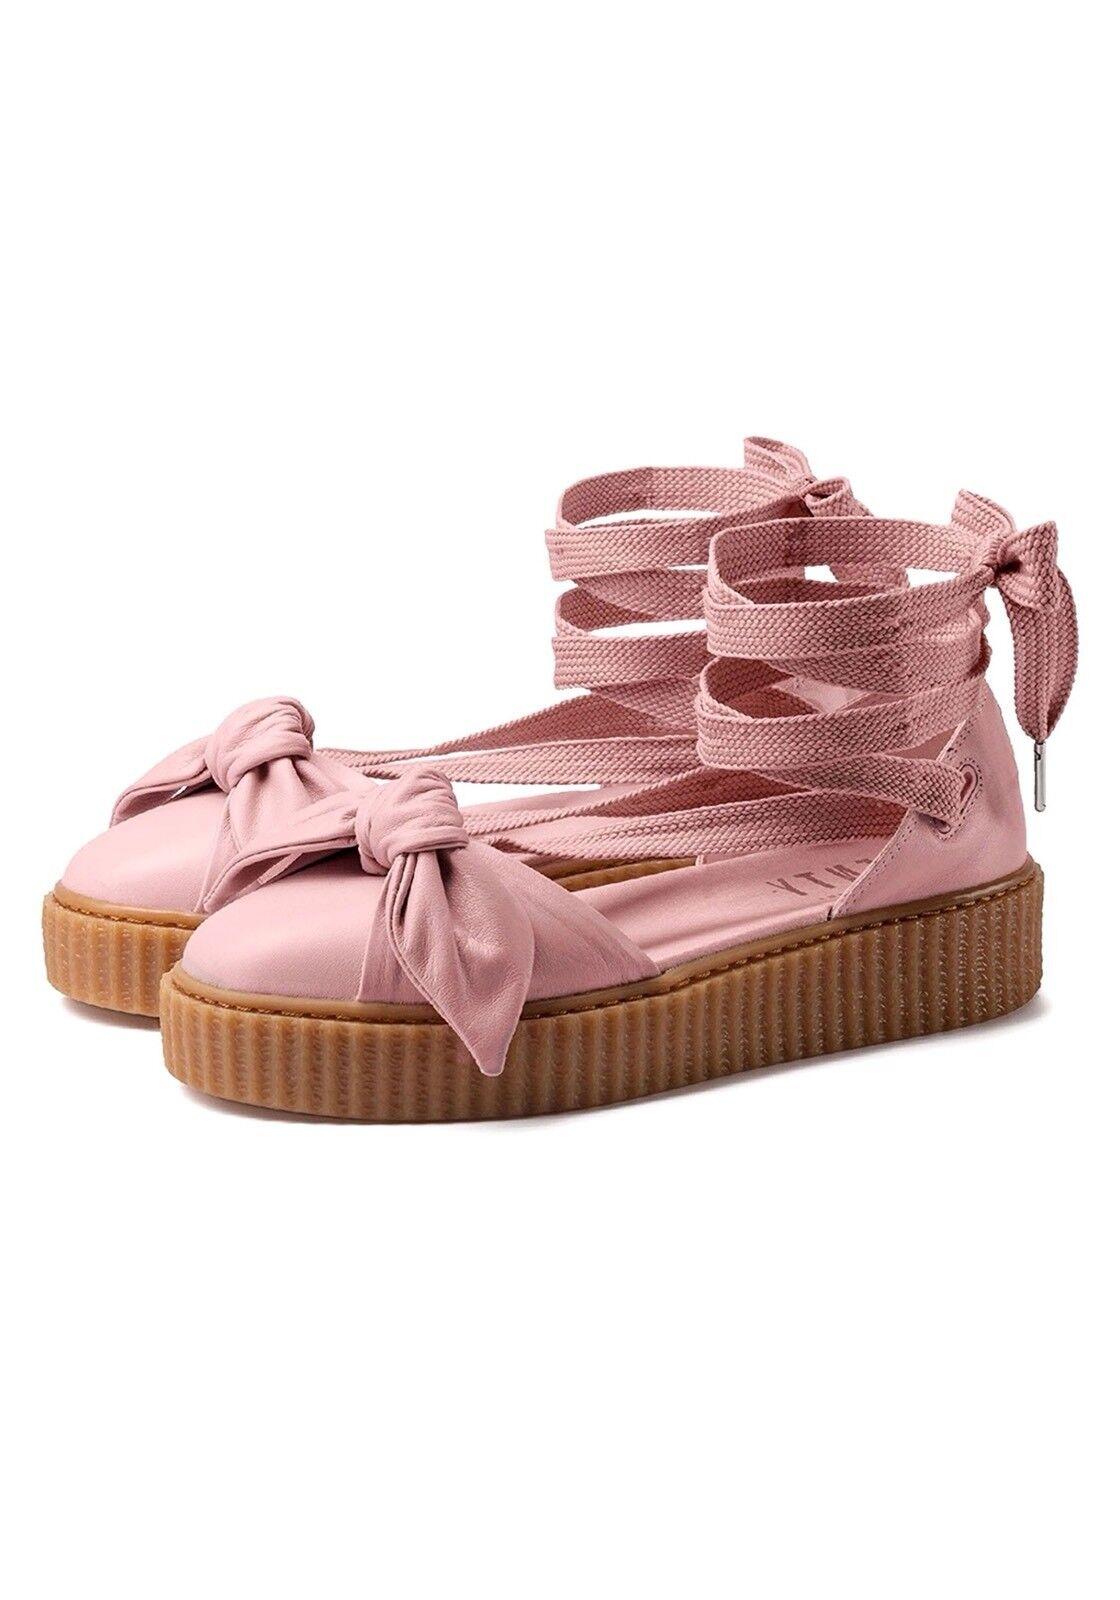 139.99 365794-01 Fenty Puma By Rihanna Women Bow Creeper Sandal silver pink